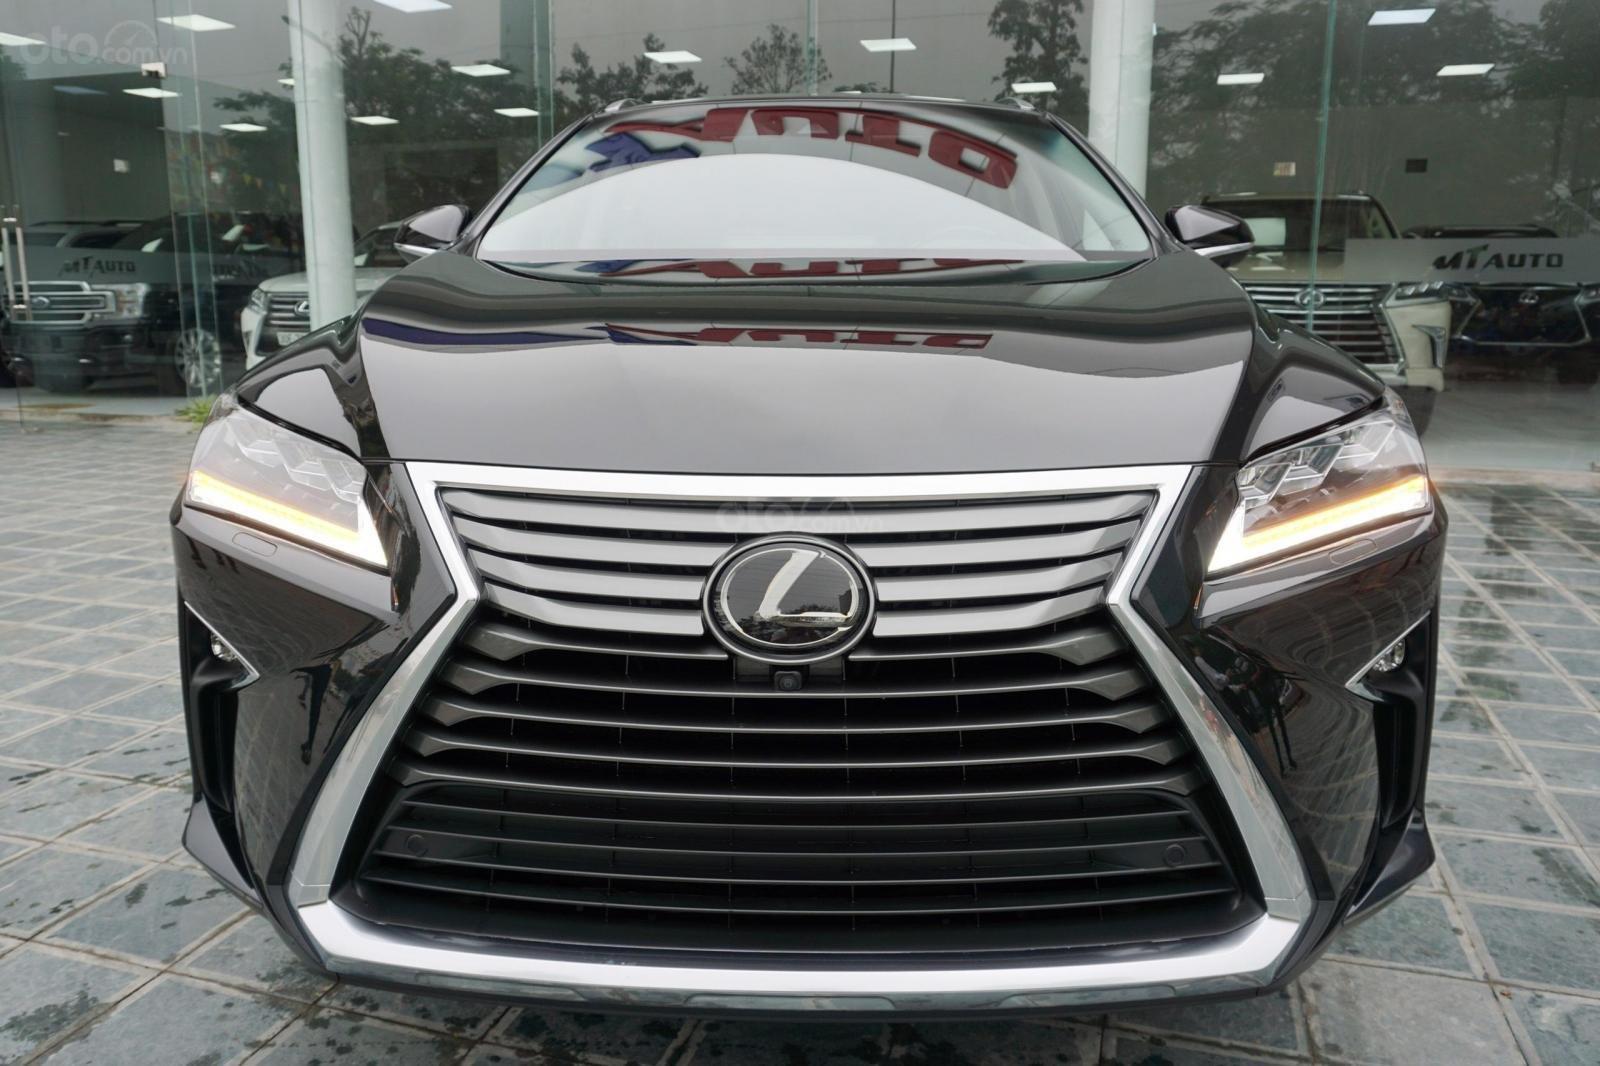 Bán Lexus RX 350 sản xuất 2019, màu đen, nhập Mỹ, giao ngay, LH 094.539.2468 Ms Hương (1)